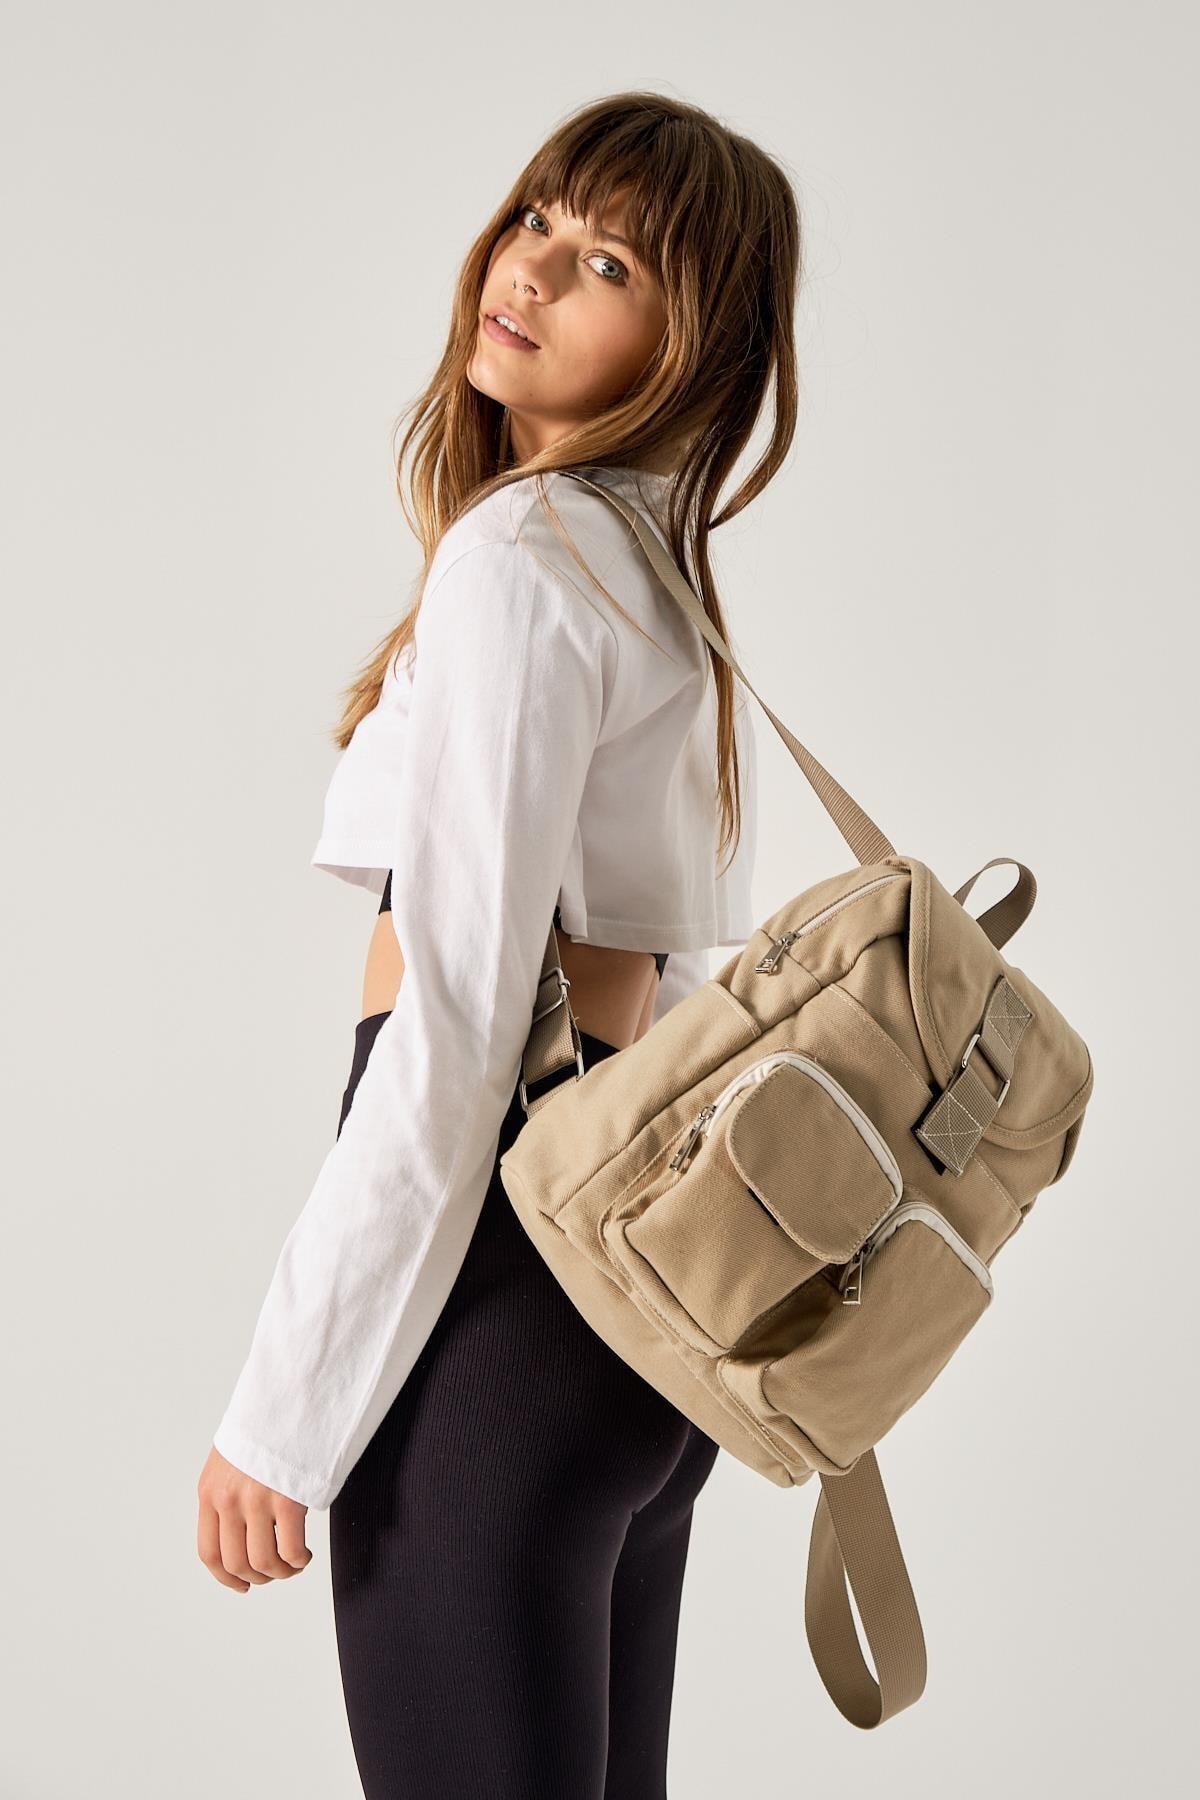 Новый сезон, специальный дизайн, Женский прочный тканевый рюкзак пурпурно-кремового цвета для повседневного использования